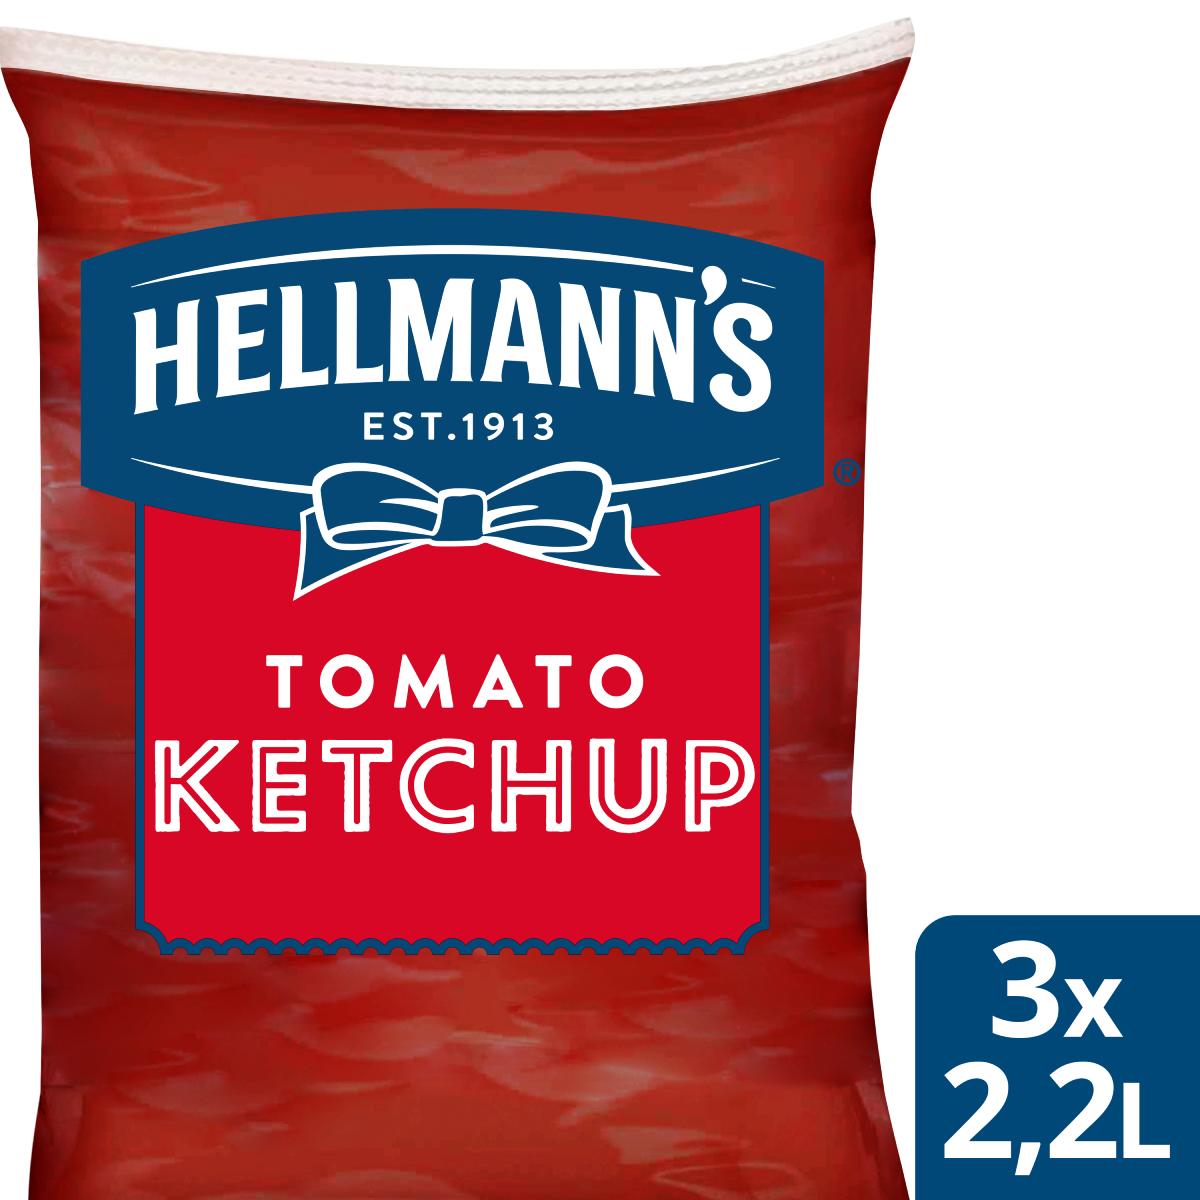 Hellmann's Кетчуп пауч 2.2 l - Hellmann's дресинг паучове за лесно и ефикасно дозиране